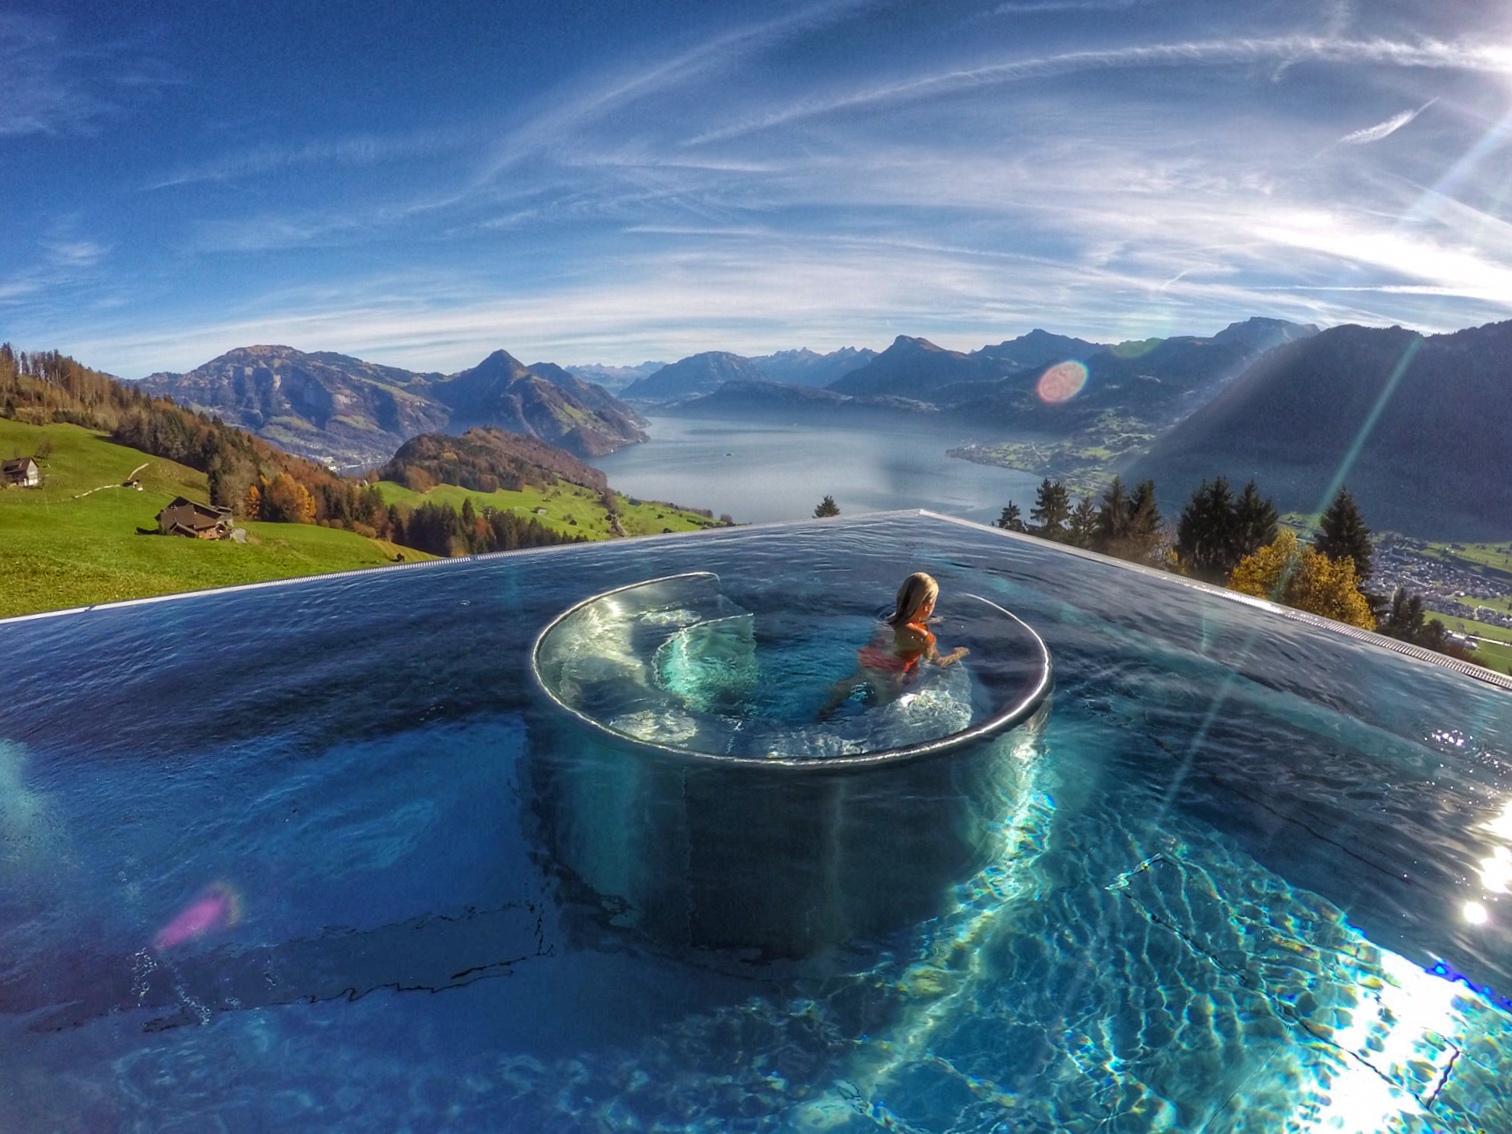 Hotel Villa Honegg dedans hotel villa honegg - suíça - lago lucerna | lala rebelo